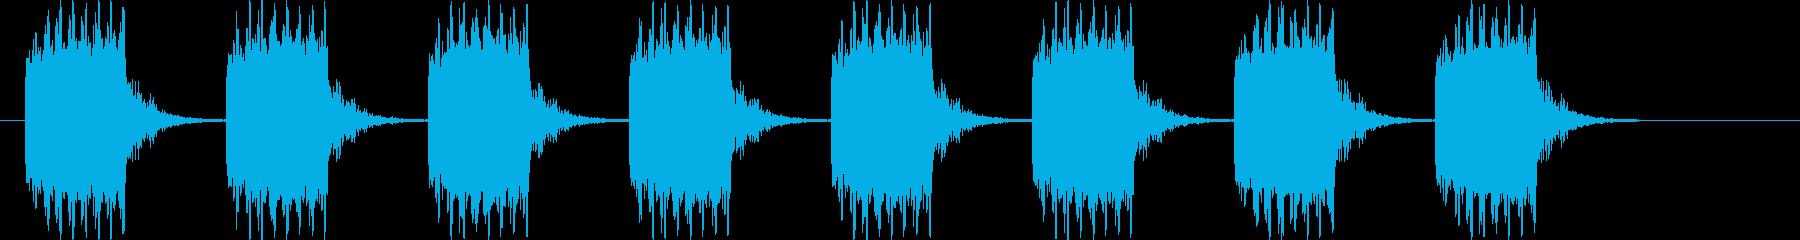 ブザー音ミドル_リバーブ付きの再生済みの波形